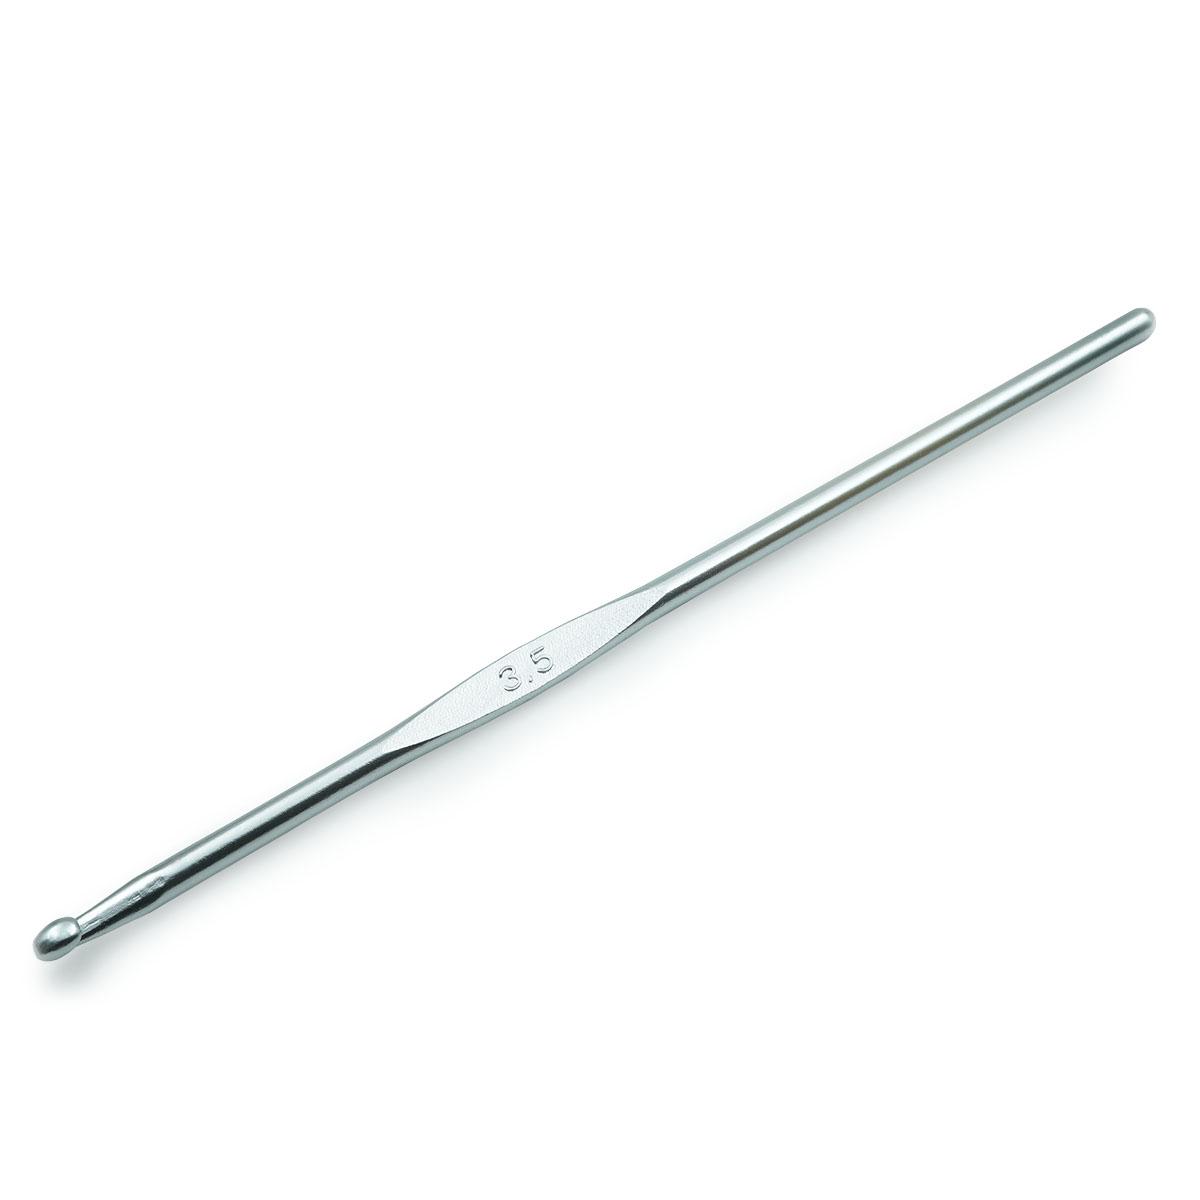 195184 Крючок для вязания, алюминий, 3,5 мм*14 см, Prym